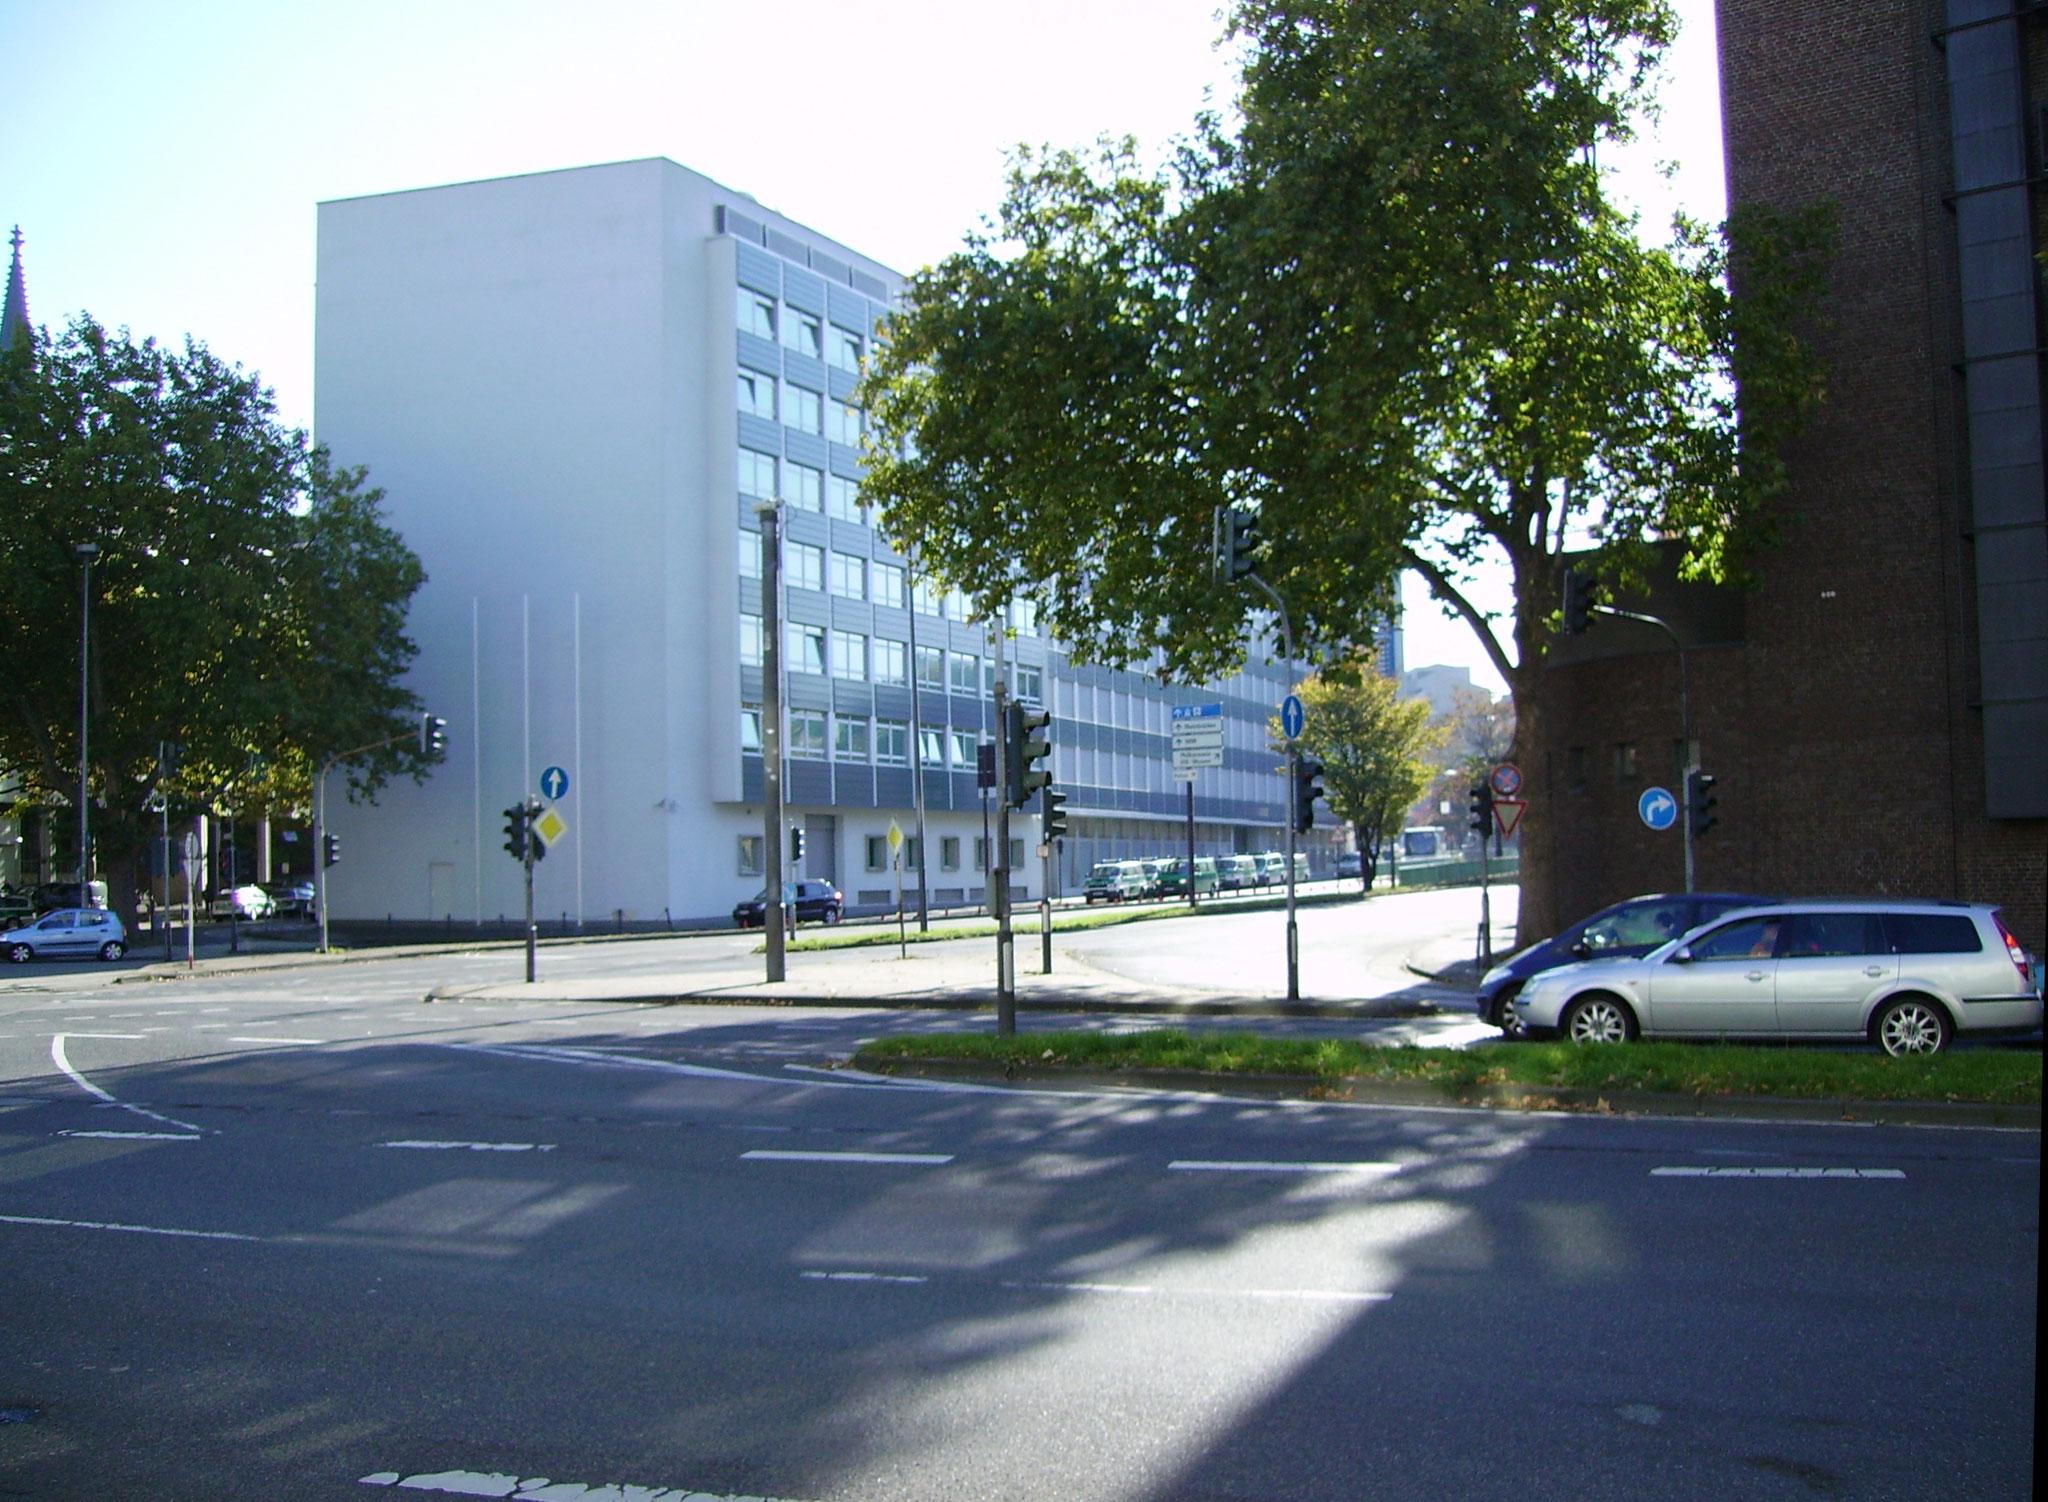 Viktoriastrasse, 2012